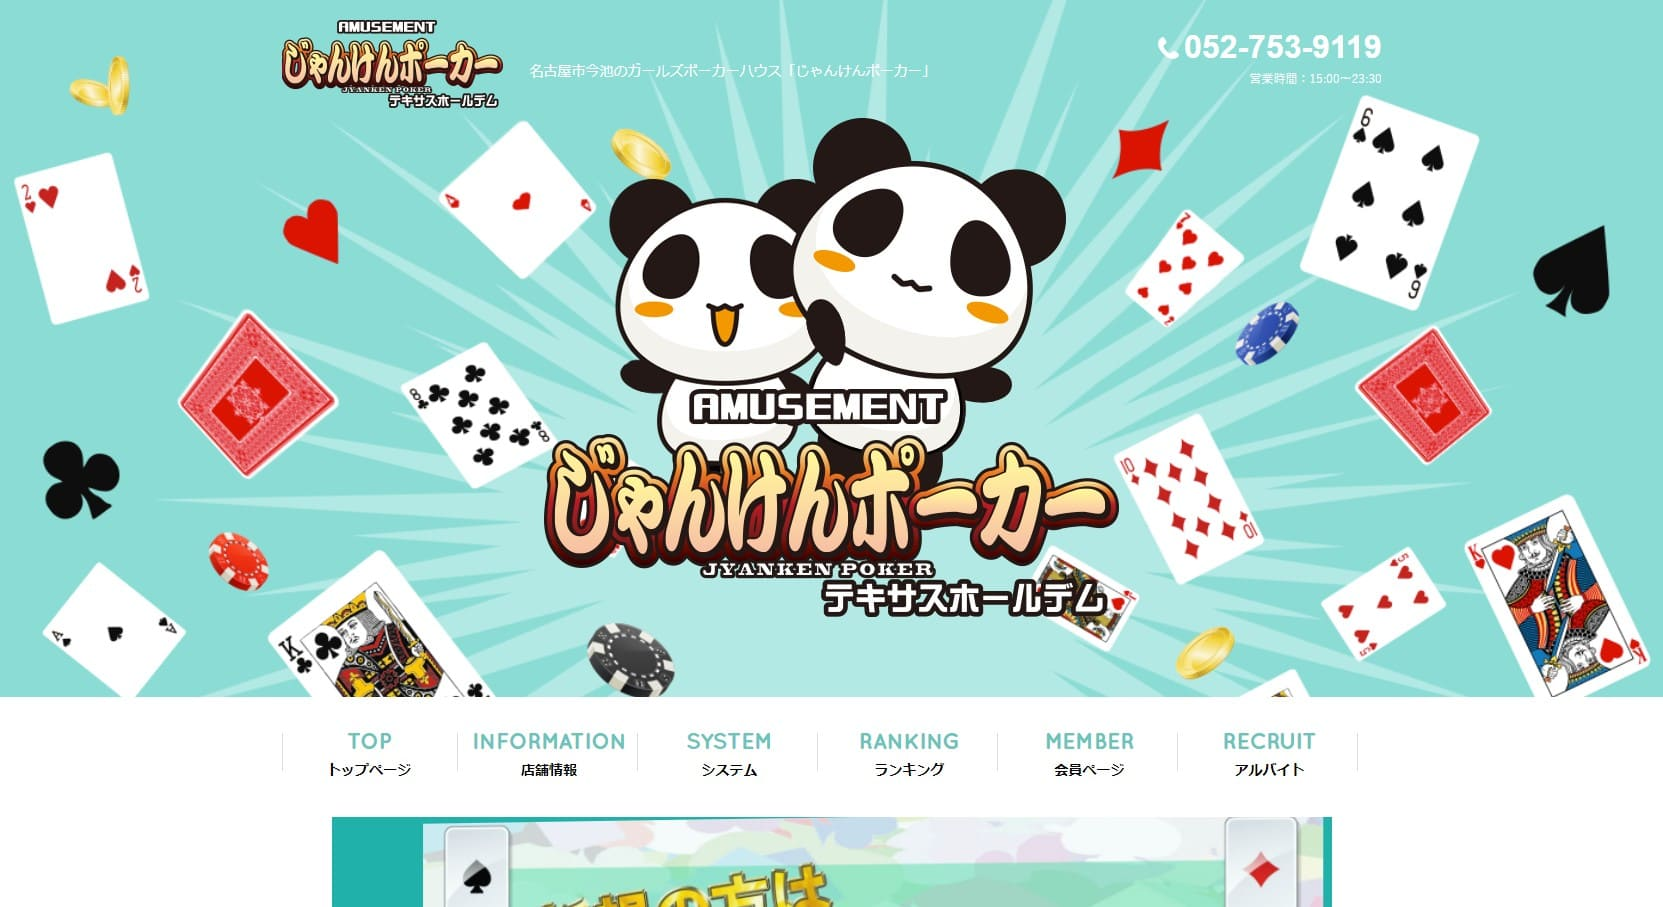 じゃんけんポーカーのウェブサイト画像。